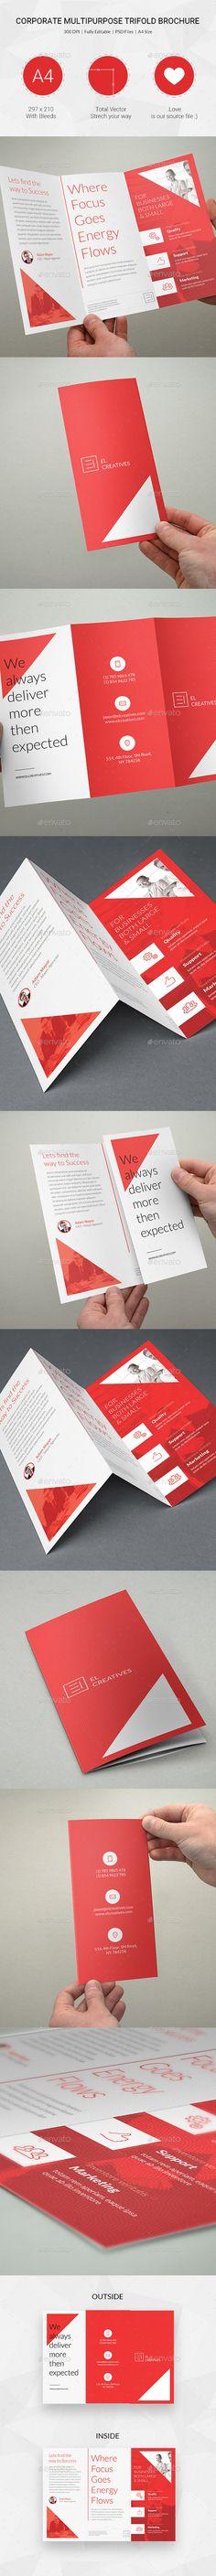 Creative Multipurpose Trofild Brochure - 17 - Corporate Brochures